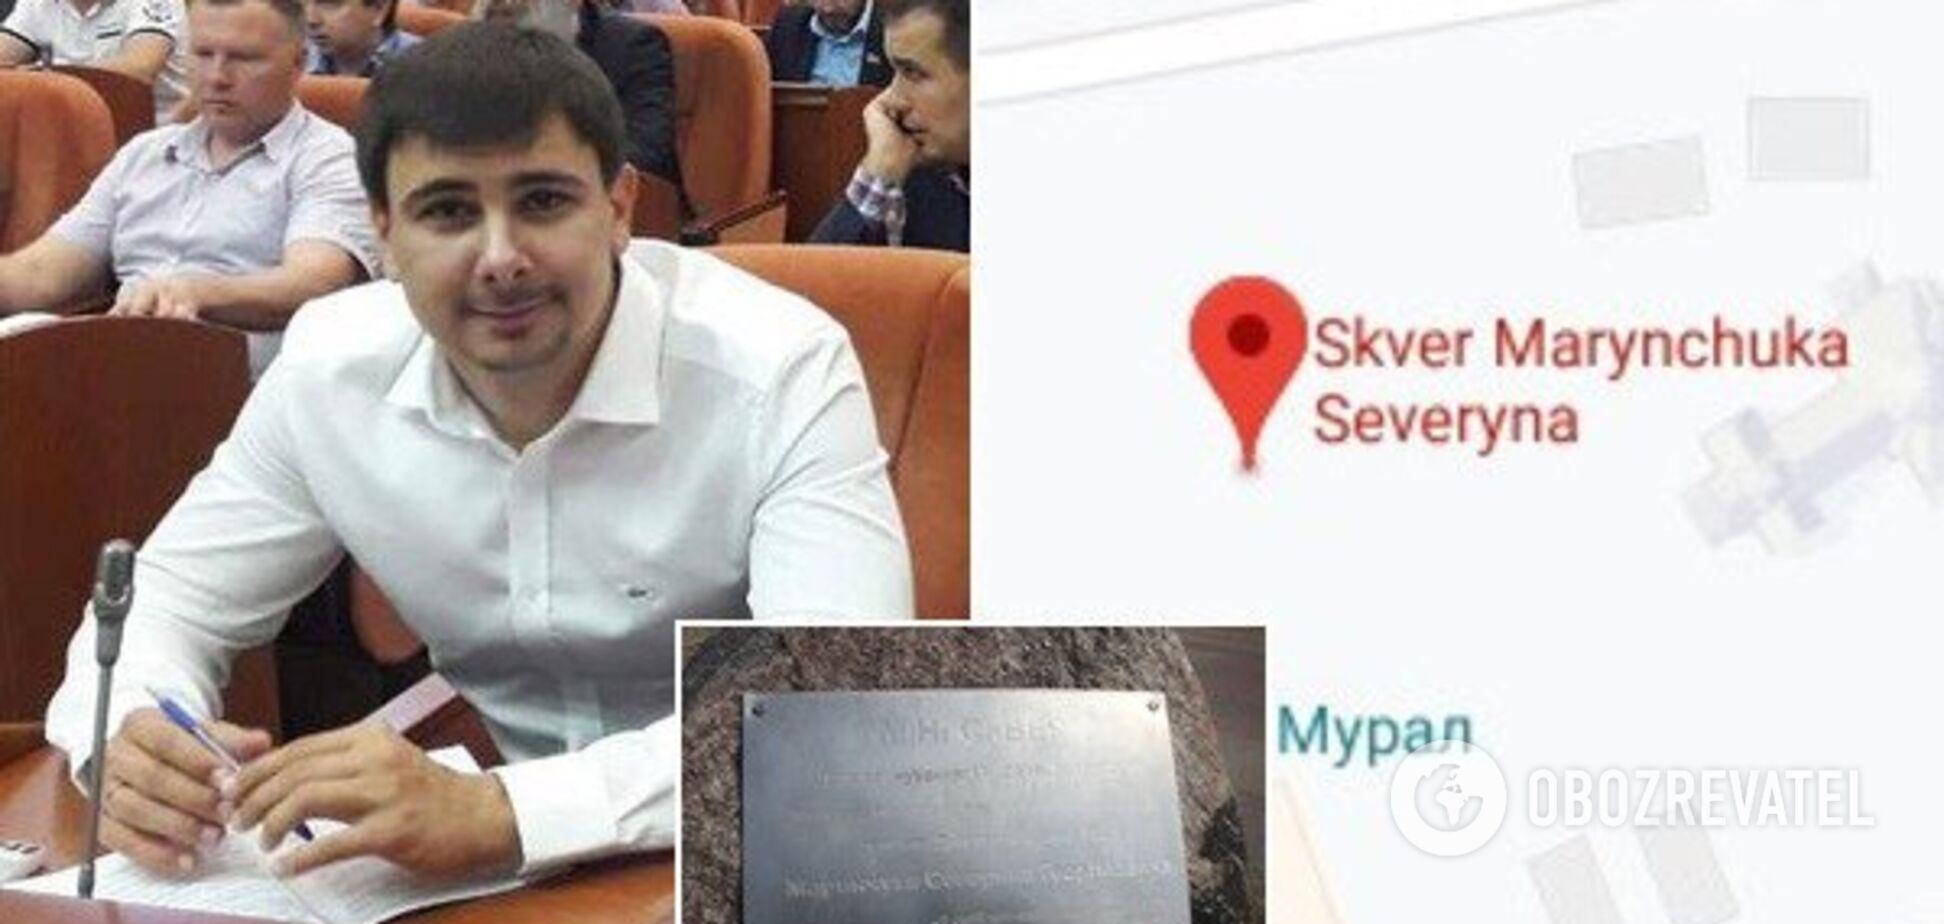 Сквер імені депутата: політик з Дніпра 'позначив' територію